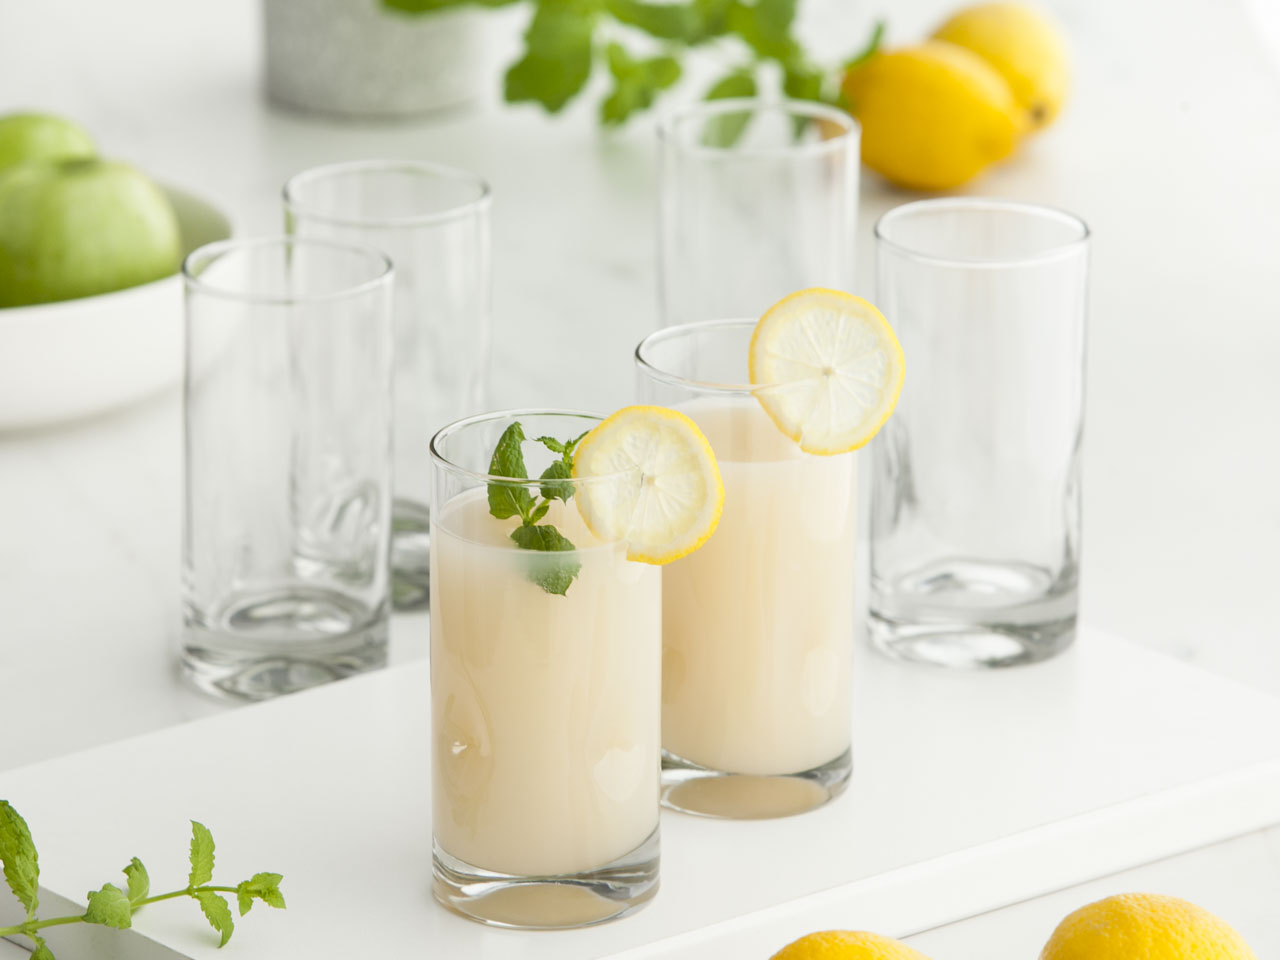 Komplet 6 sztuk szklanek Royal Leerdam Bali 370 ml